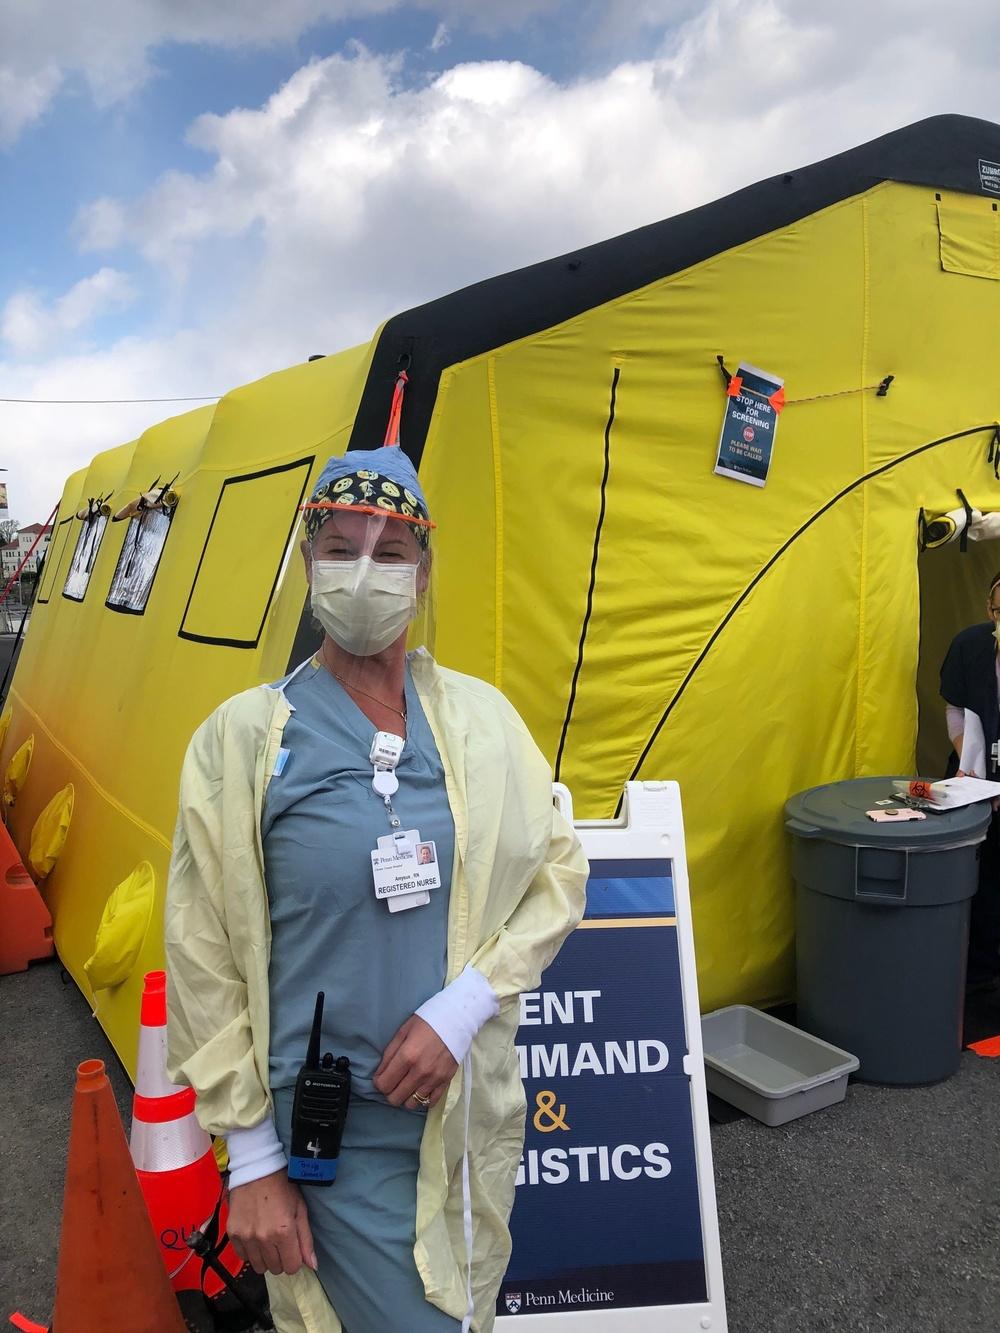 Volunteer 3D printing capabilities aid COVID-19 healthcare workers